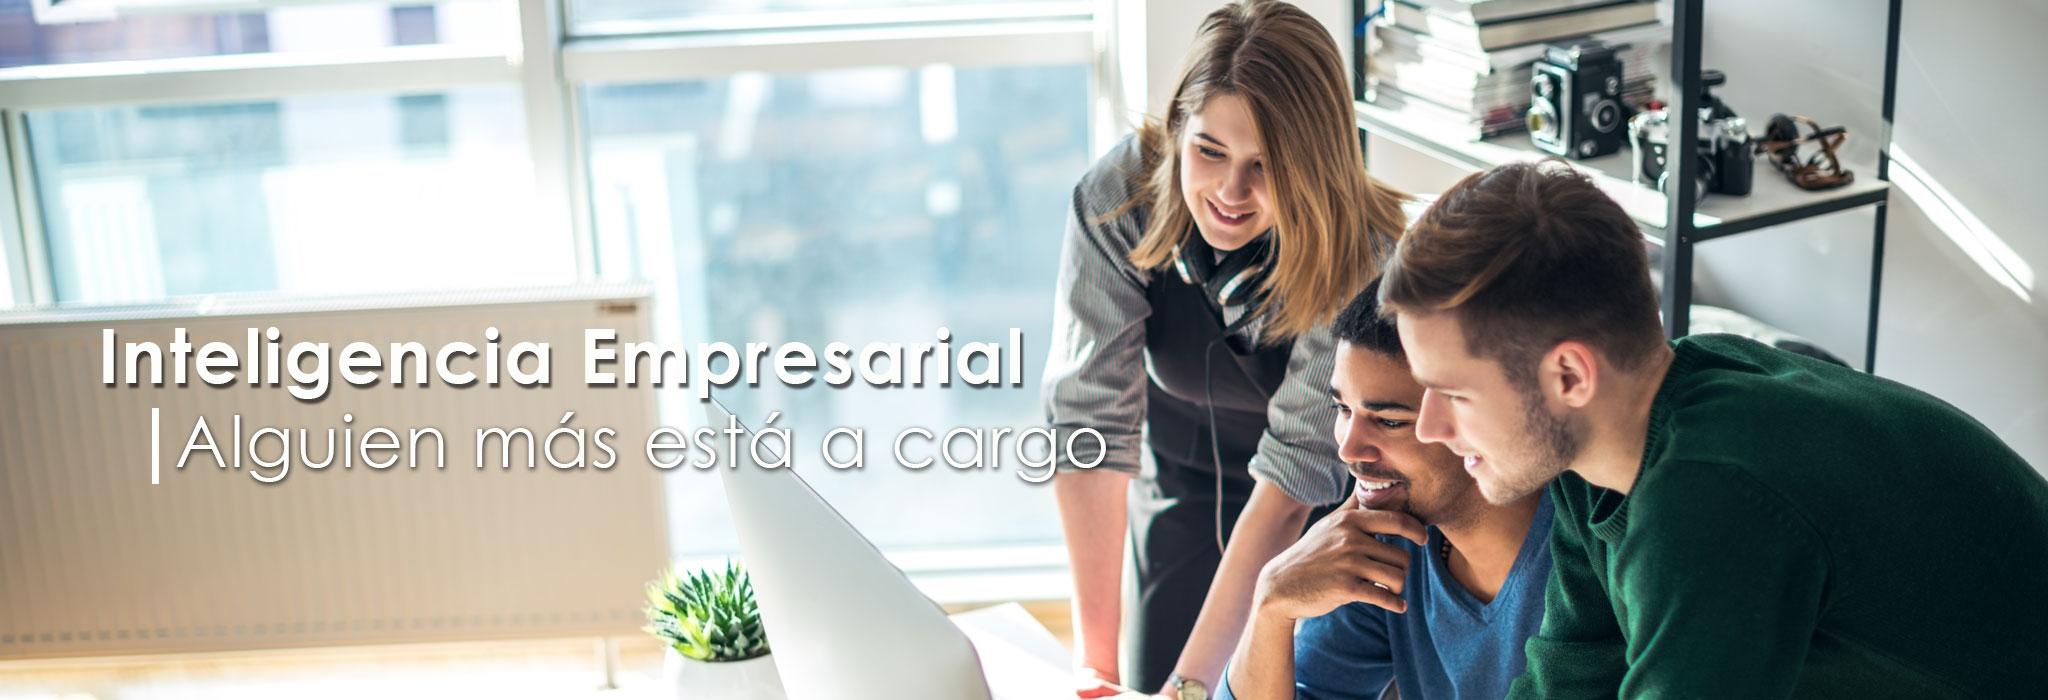 ERP Inteligencia Empresarial